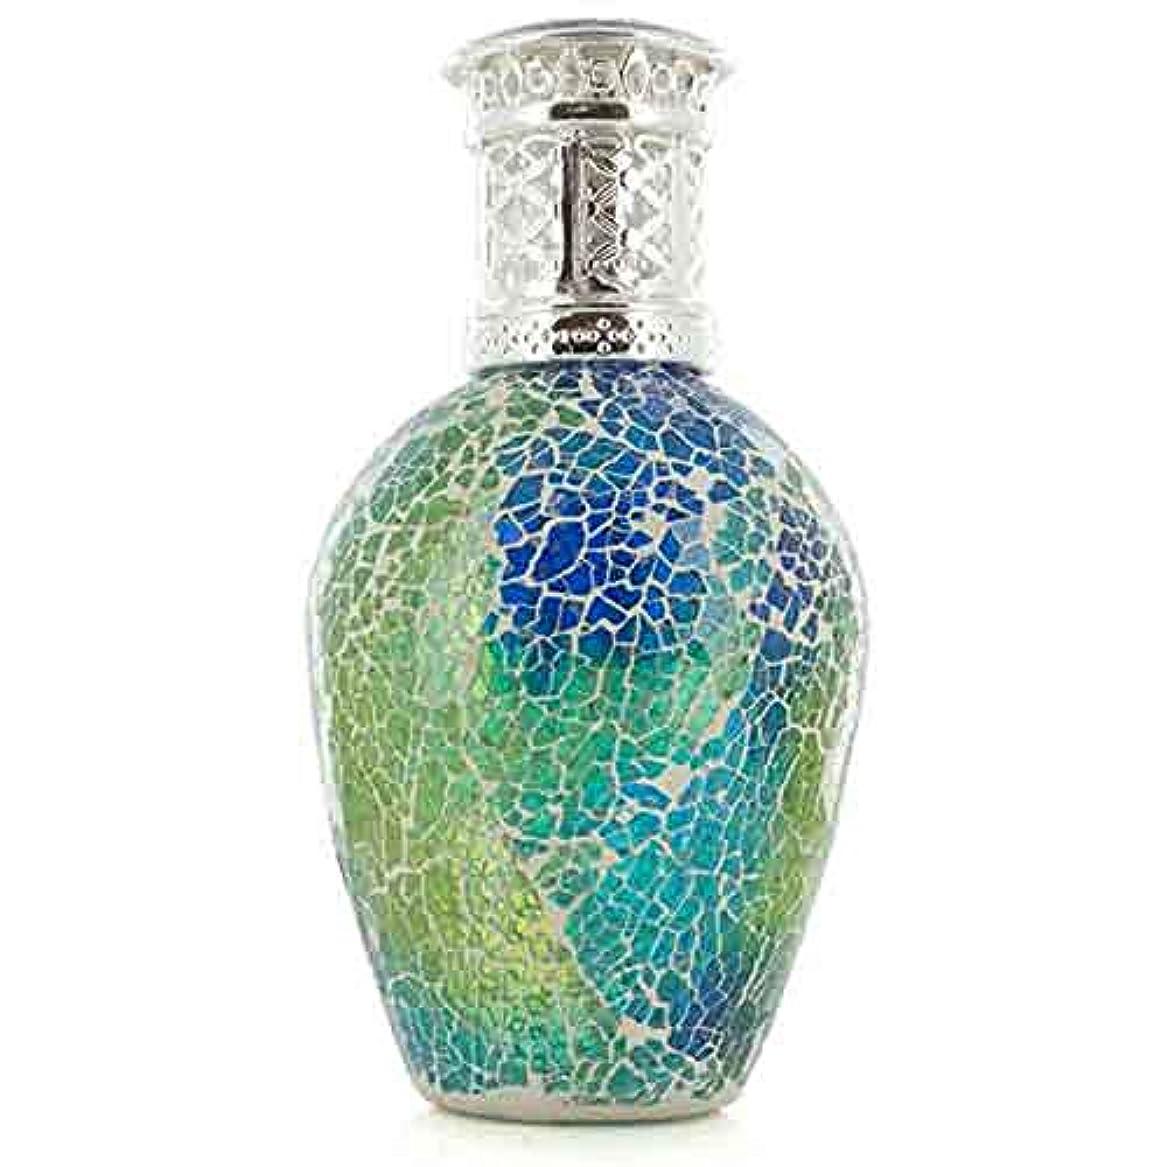 Ashleigh&Burwood フレグランスランプ L モザイクメドゥー FragranceLamps sizeL MosaicMeadow アシュレイ&バーウッド